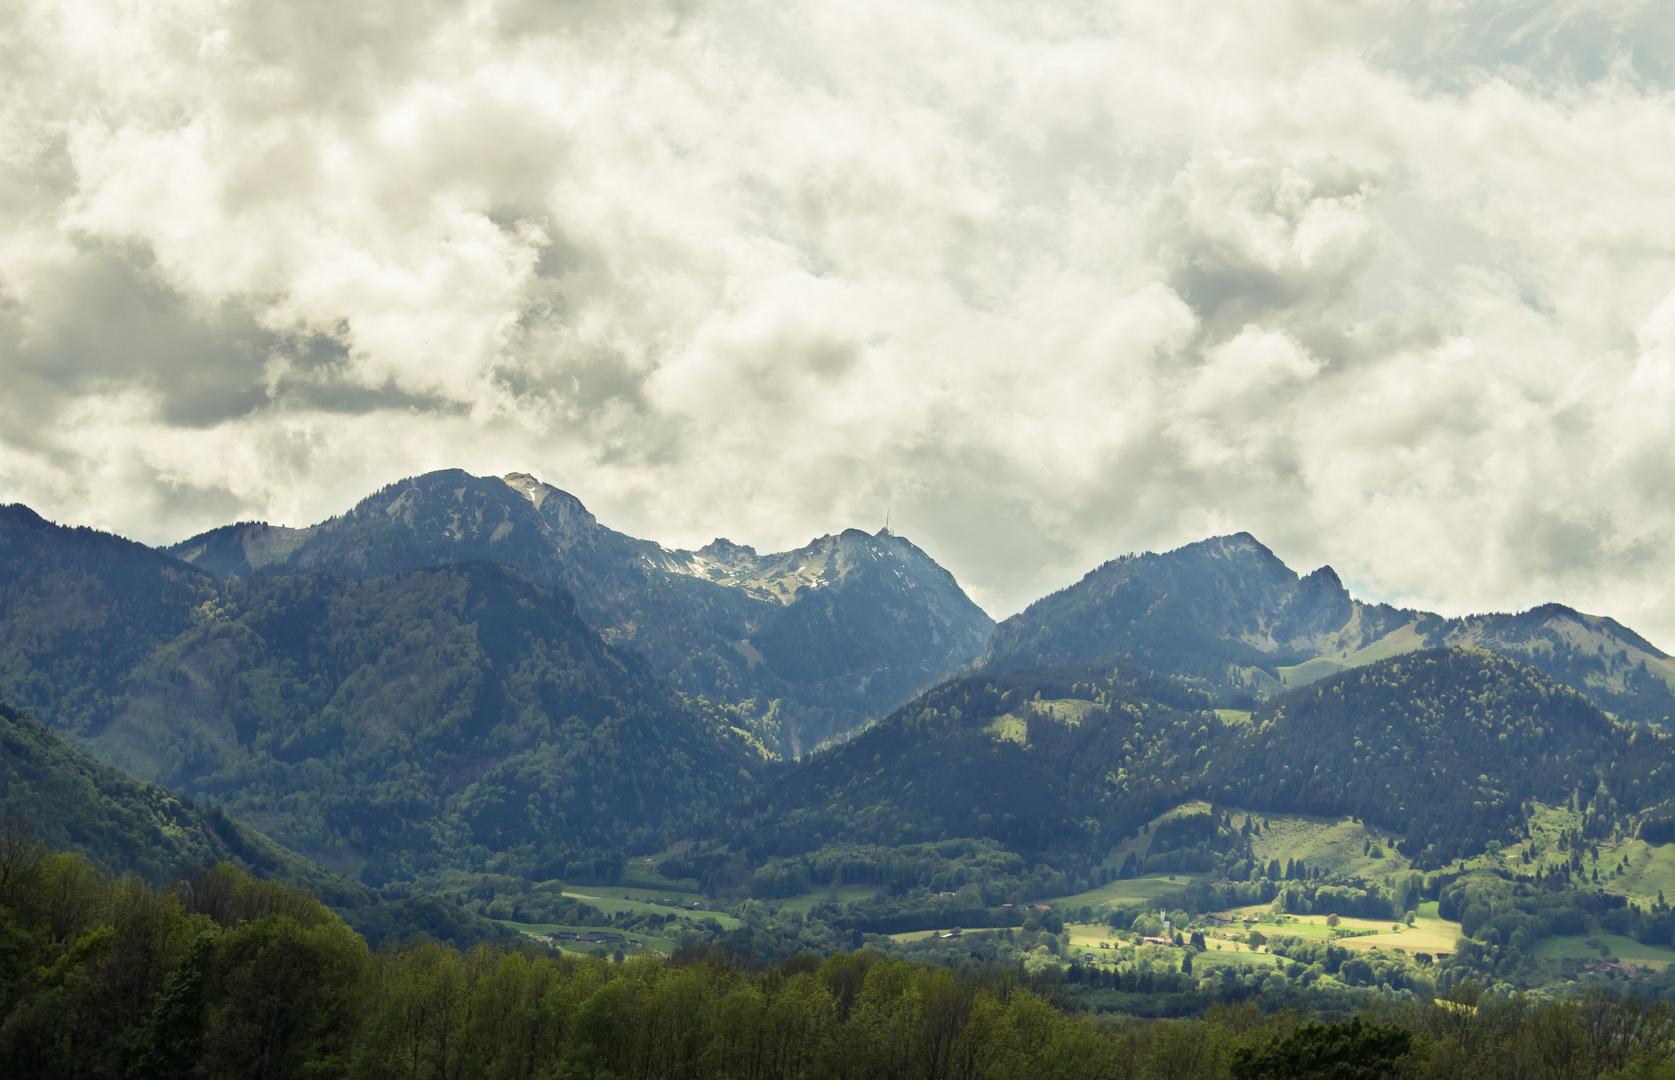 Die Schönheit eines heraufziehenden Unwetters in den Bergen